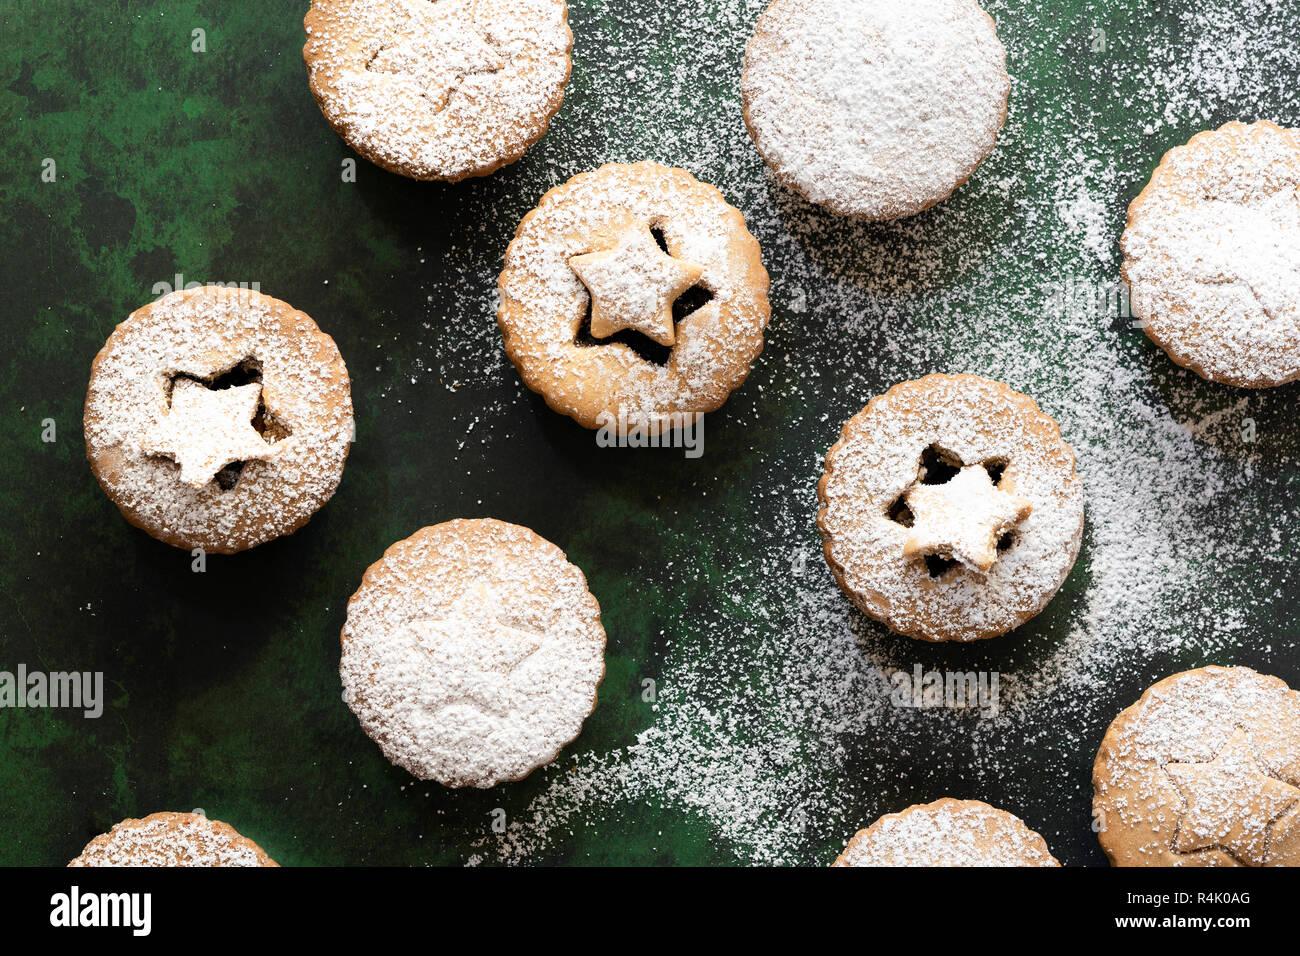 Weihnachten Obst mince pies mit Gebäck Stern auf der Spitze. Stockfoto